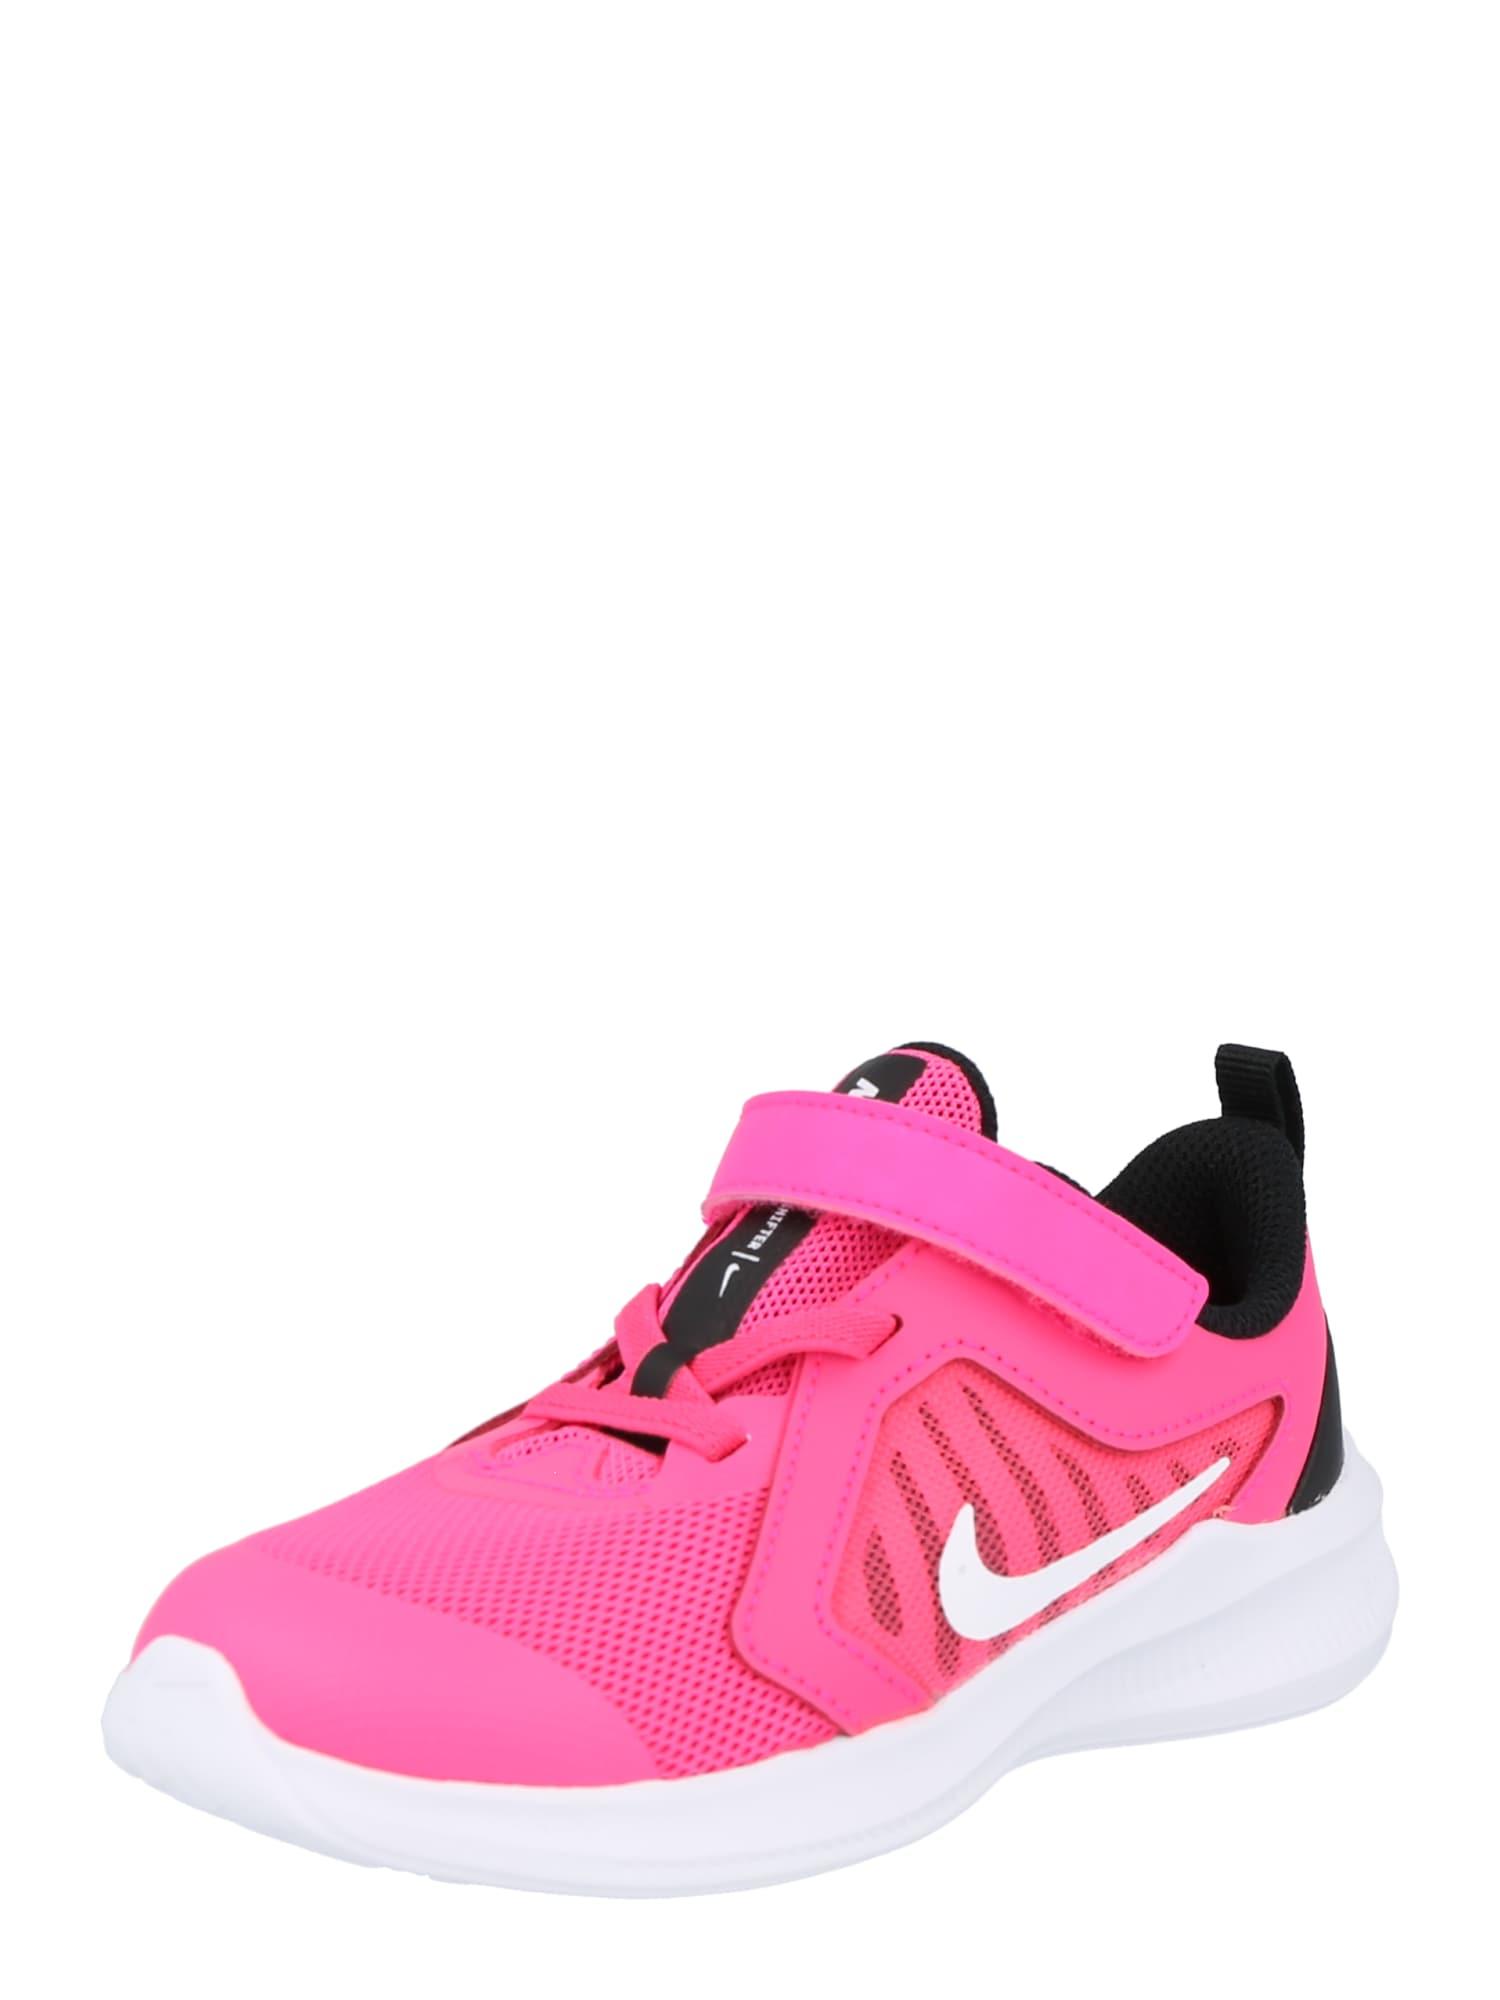 NIKE Sportiniai batai 'Downshifter 10' rožinė / balta / juoda